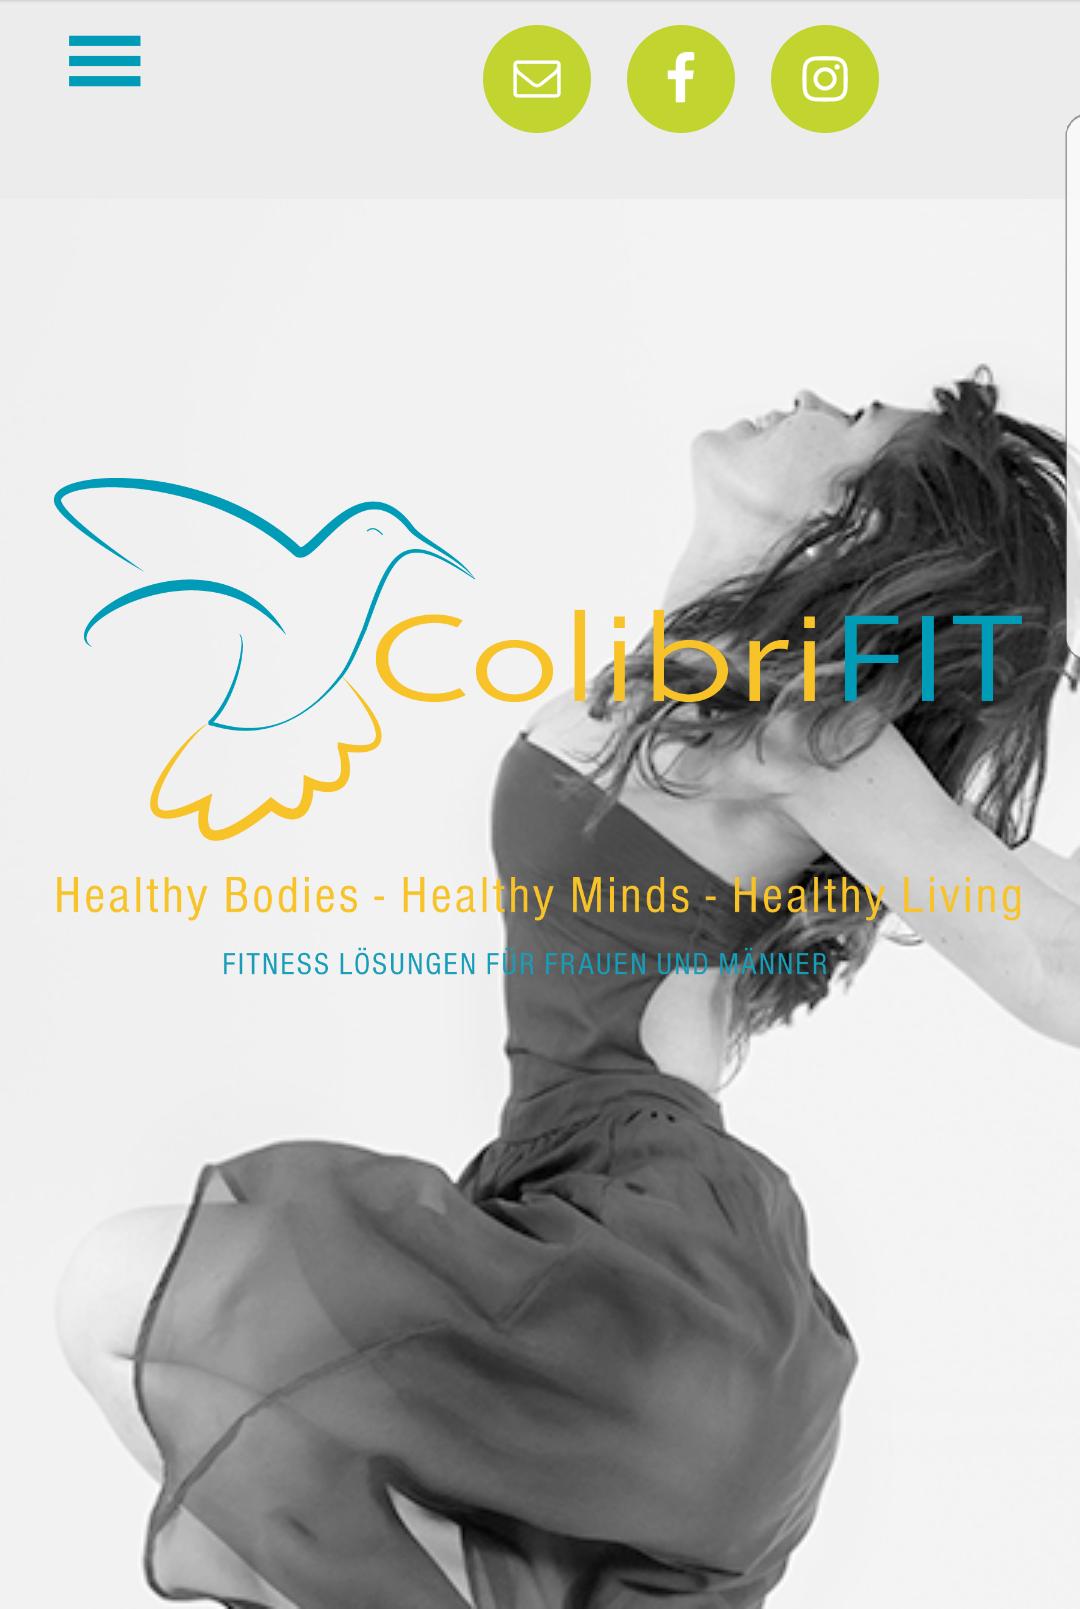 ColibriFIT Website Design by Social52.ch